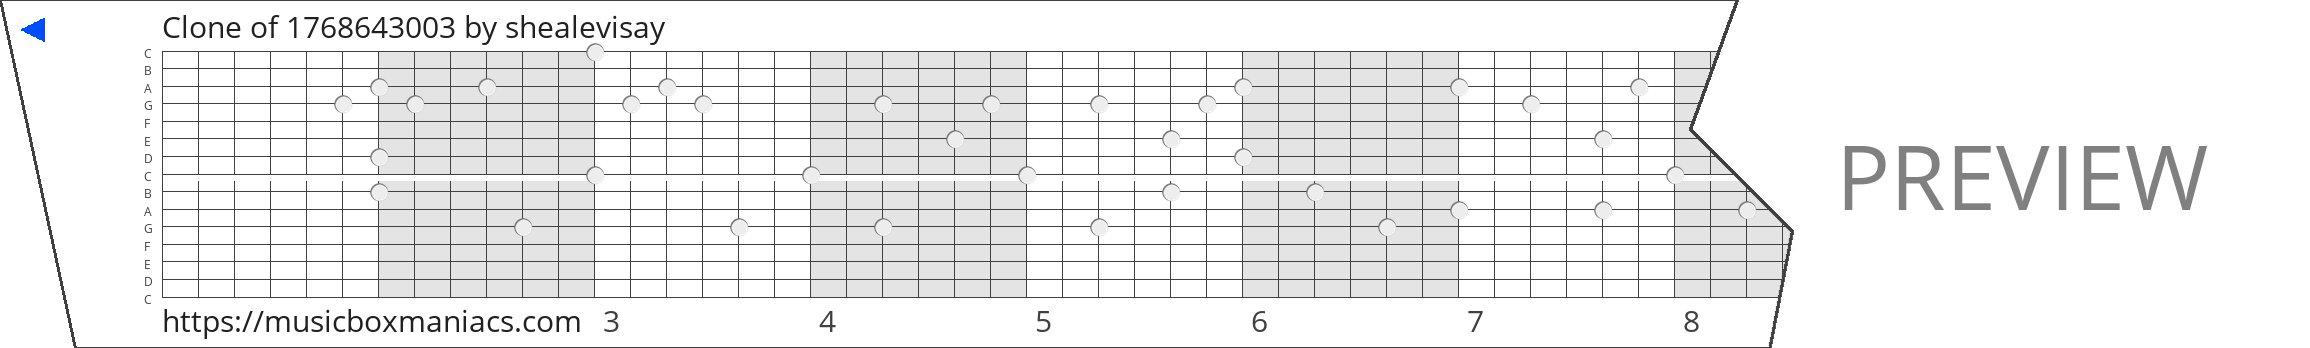 Clone of 1768643003 15 note music box paper strip